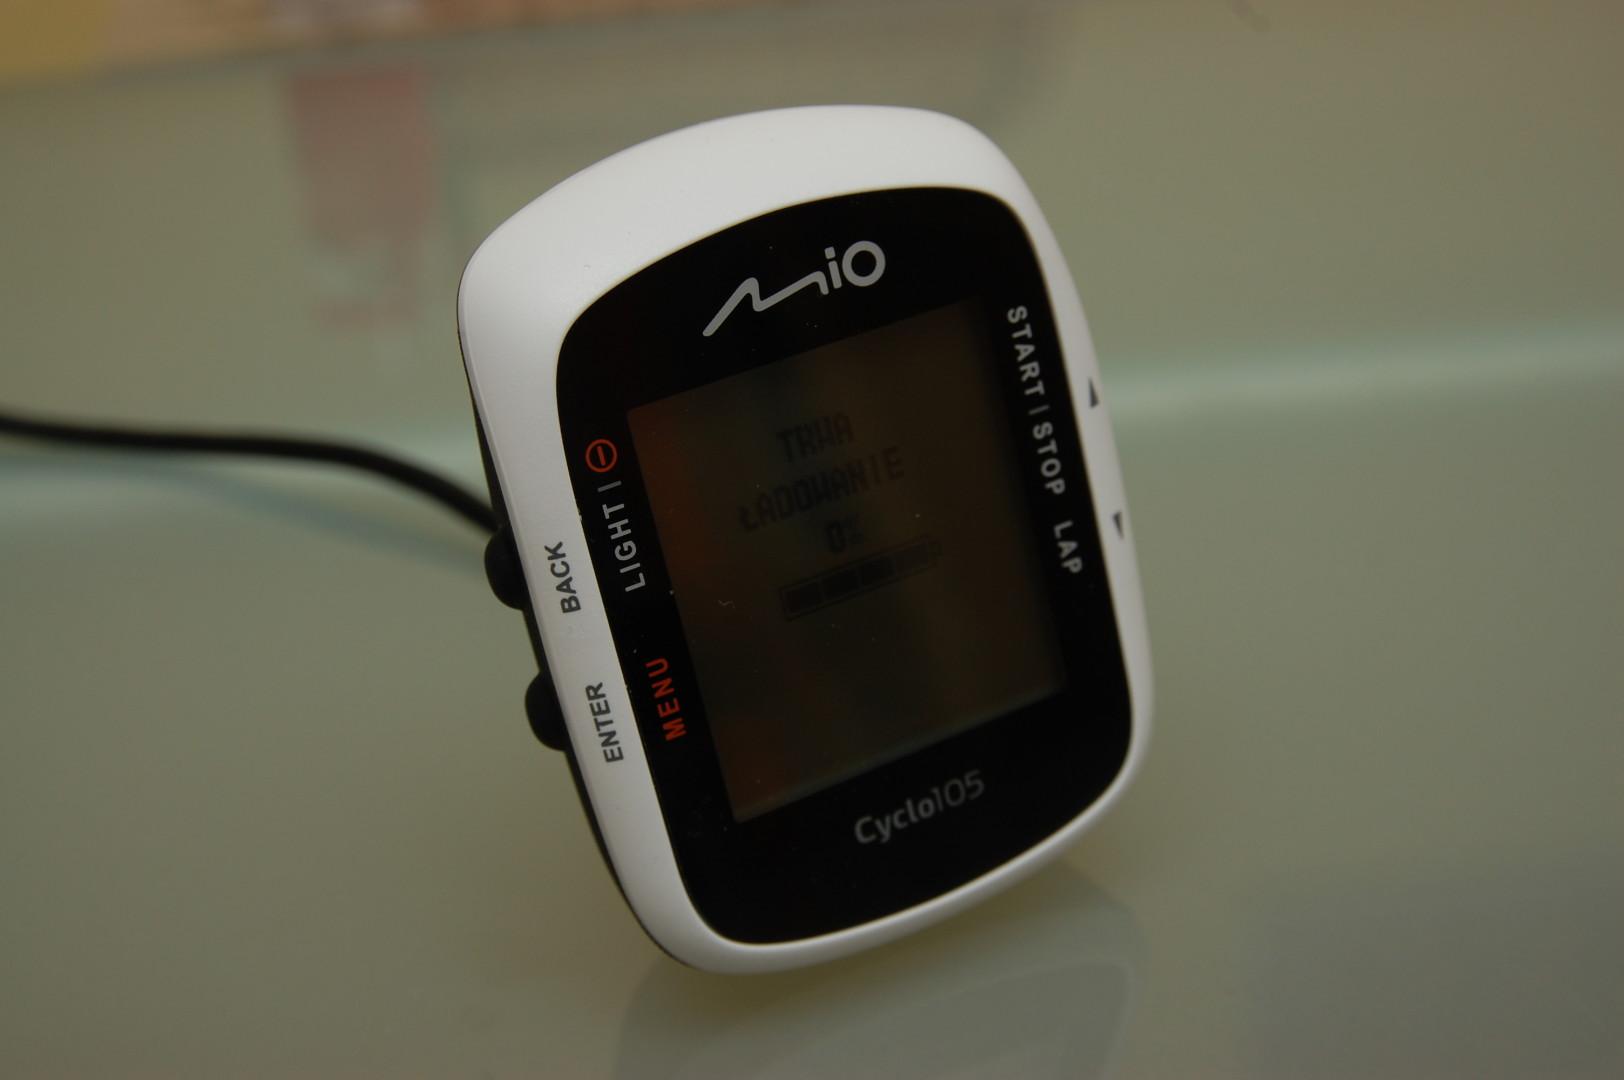 Mio Cyclo 105 ładowanie